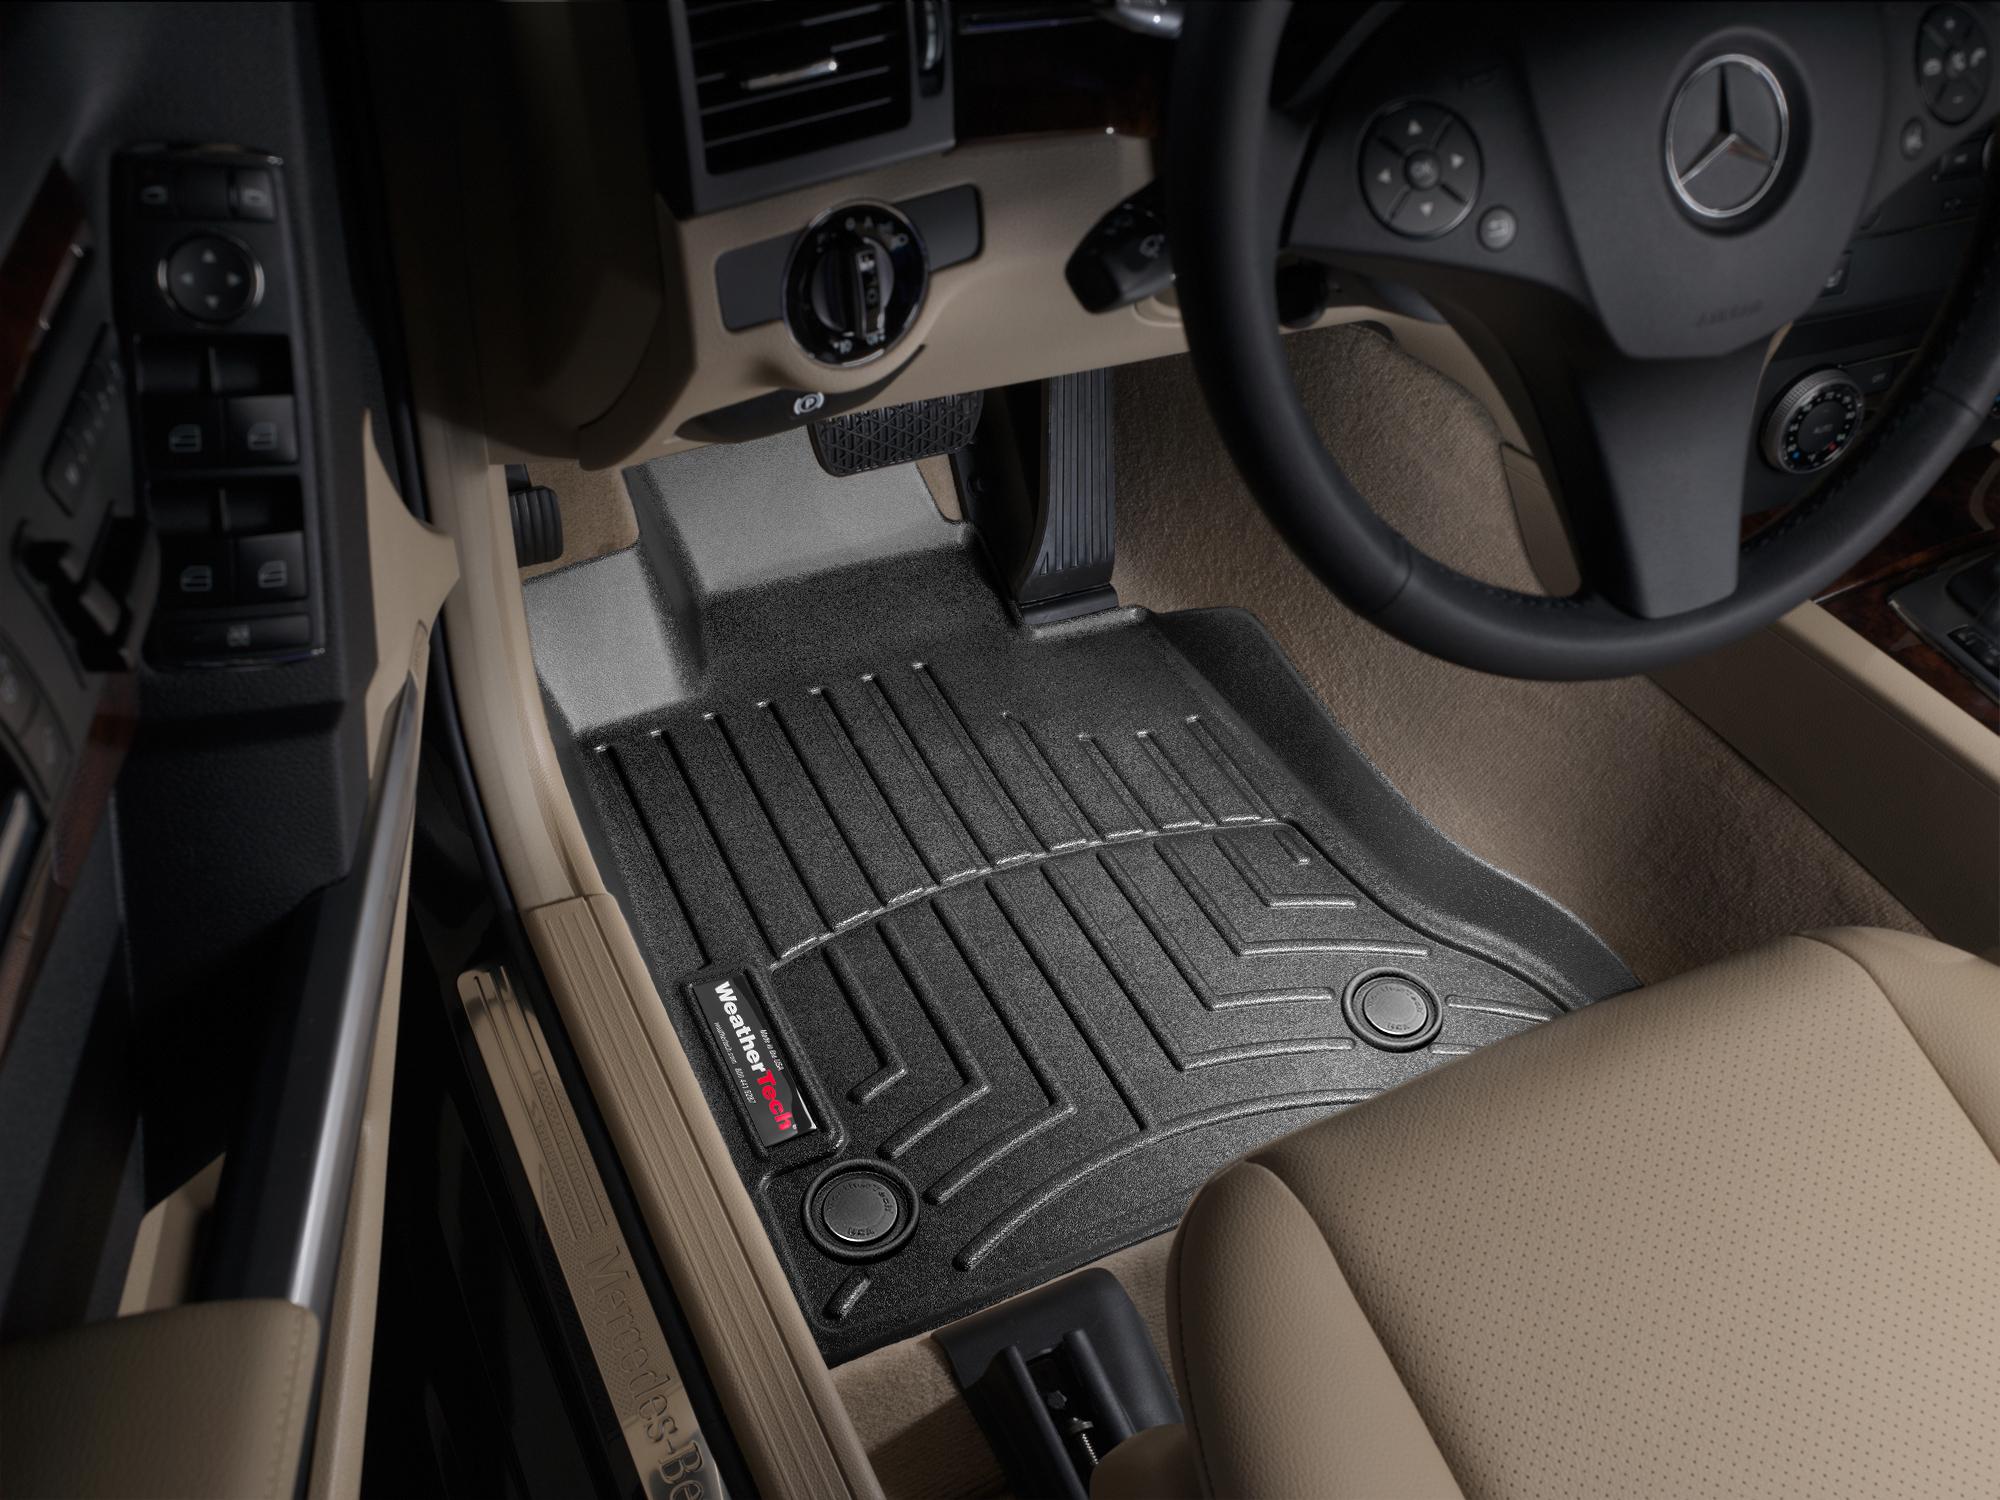 Tappeti gomma su misura bordo alto Mercedes GLK-Class 09>11 Nero A2490